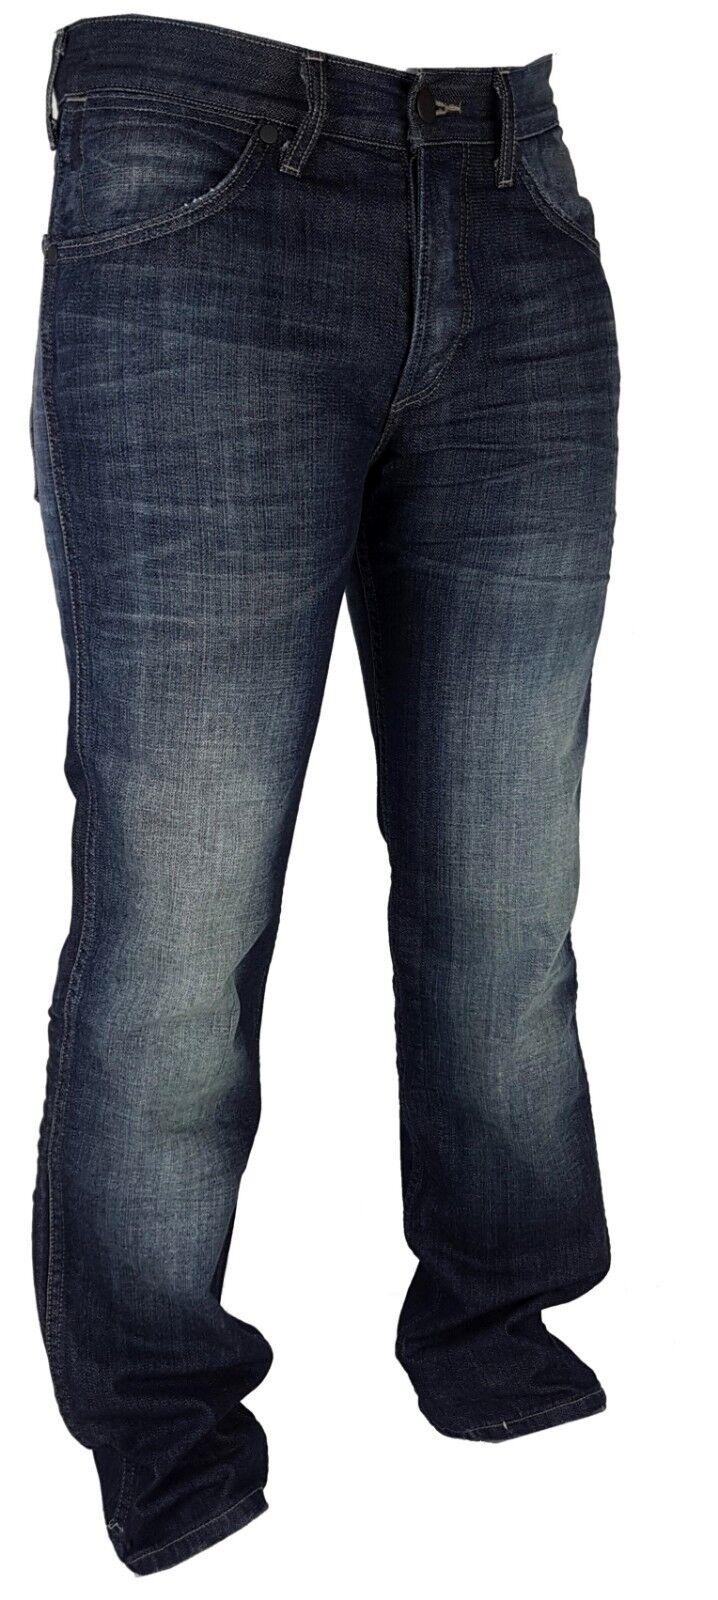 Jeans Regular Ace Herren Brand Denim Wrangler Jeanshose